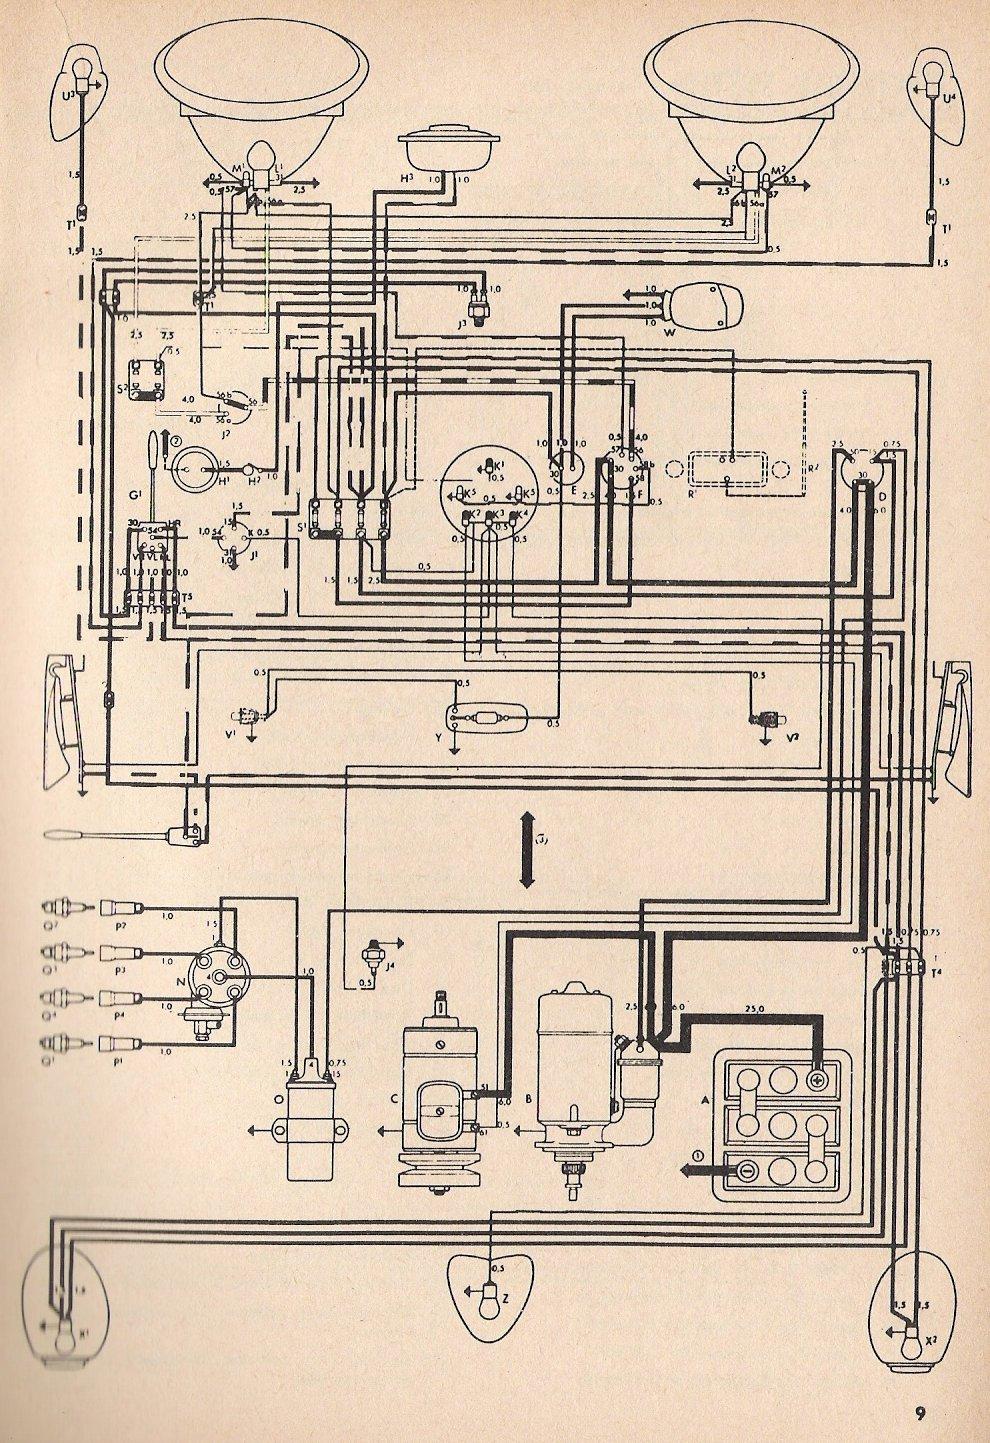 1967 vw beetle wiring diagram 1967 image wiring starter wiring diagram 68 vw bug starter auto wiring diagram on 1967 vw beetle wiring diagram